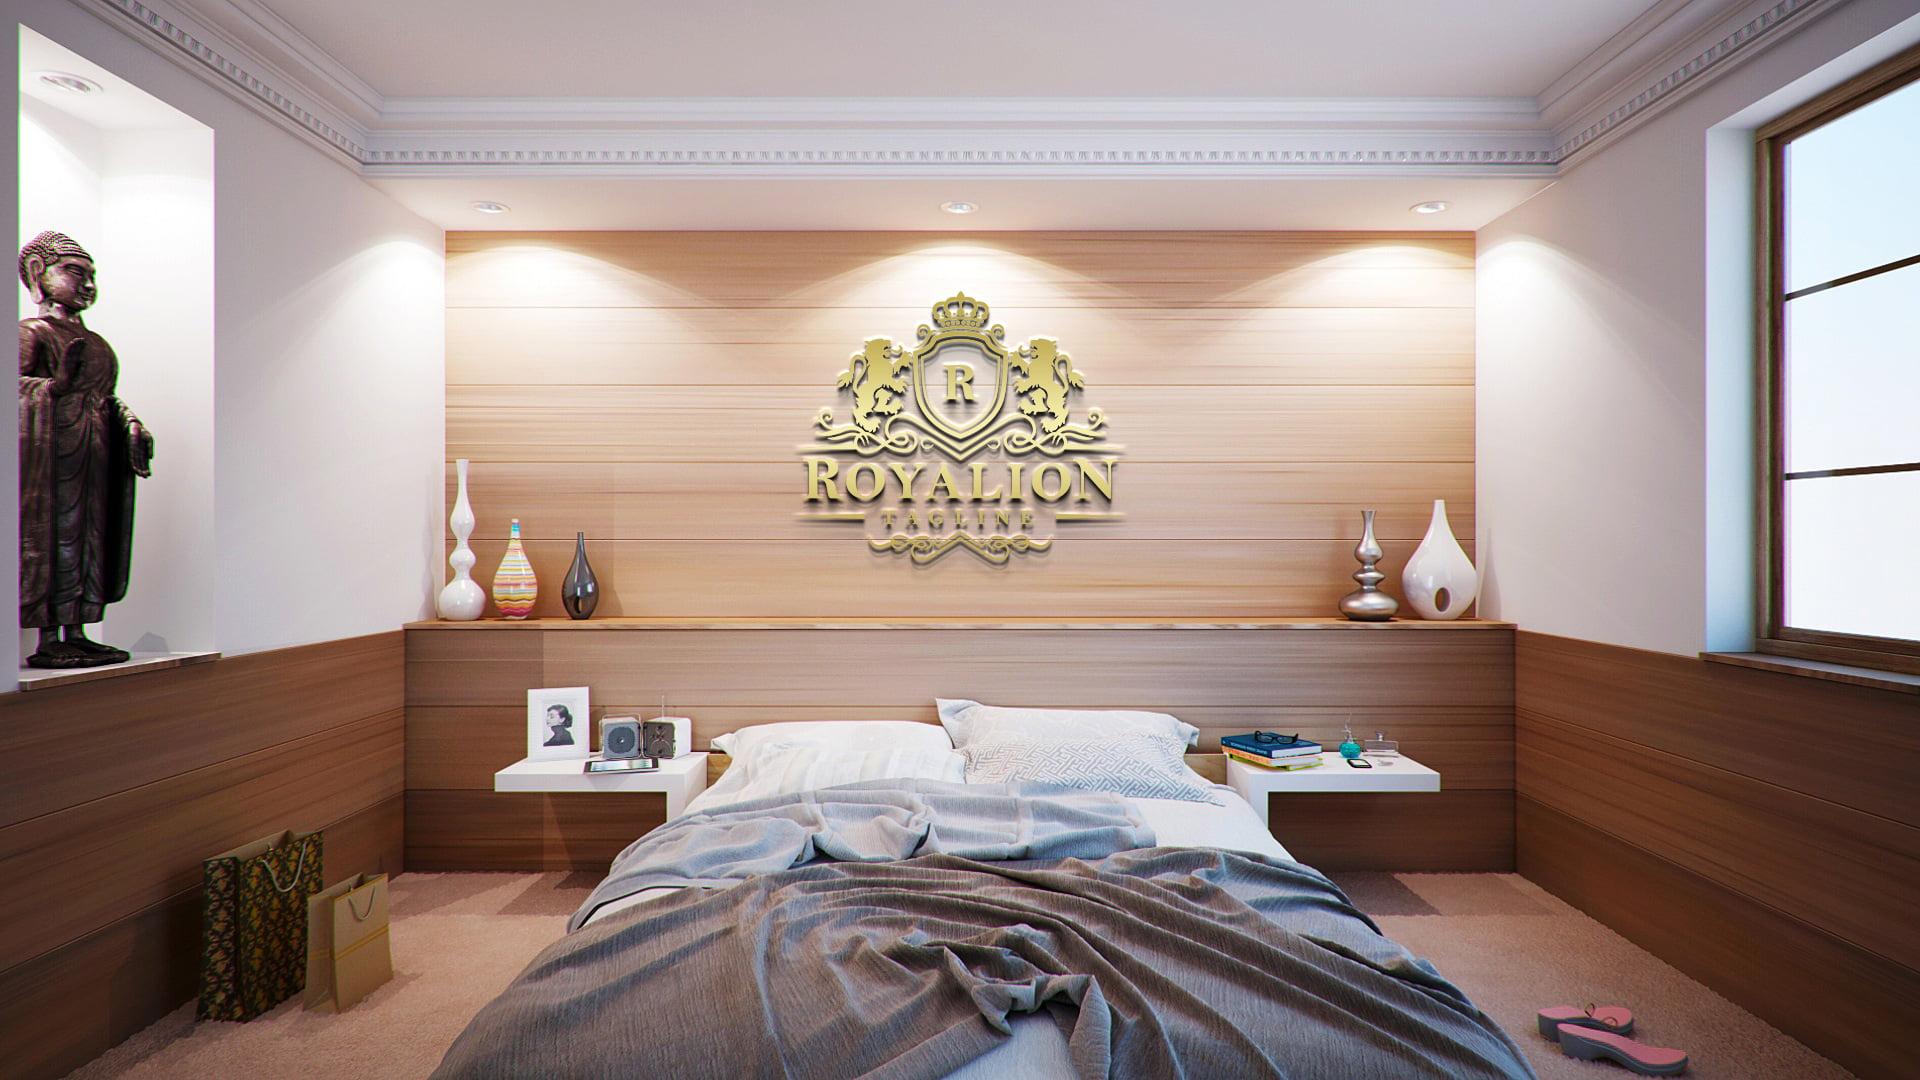 Download-Free-Bedroom-Logo-Mockup